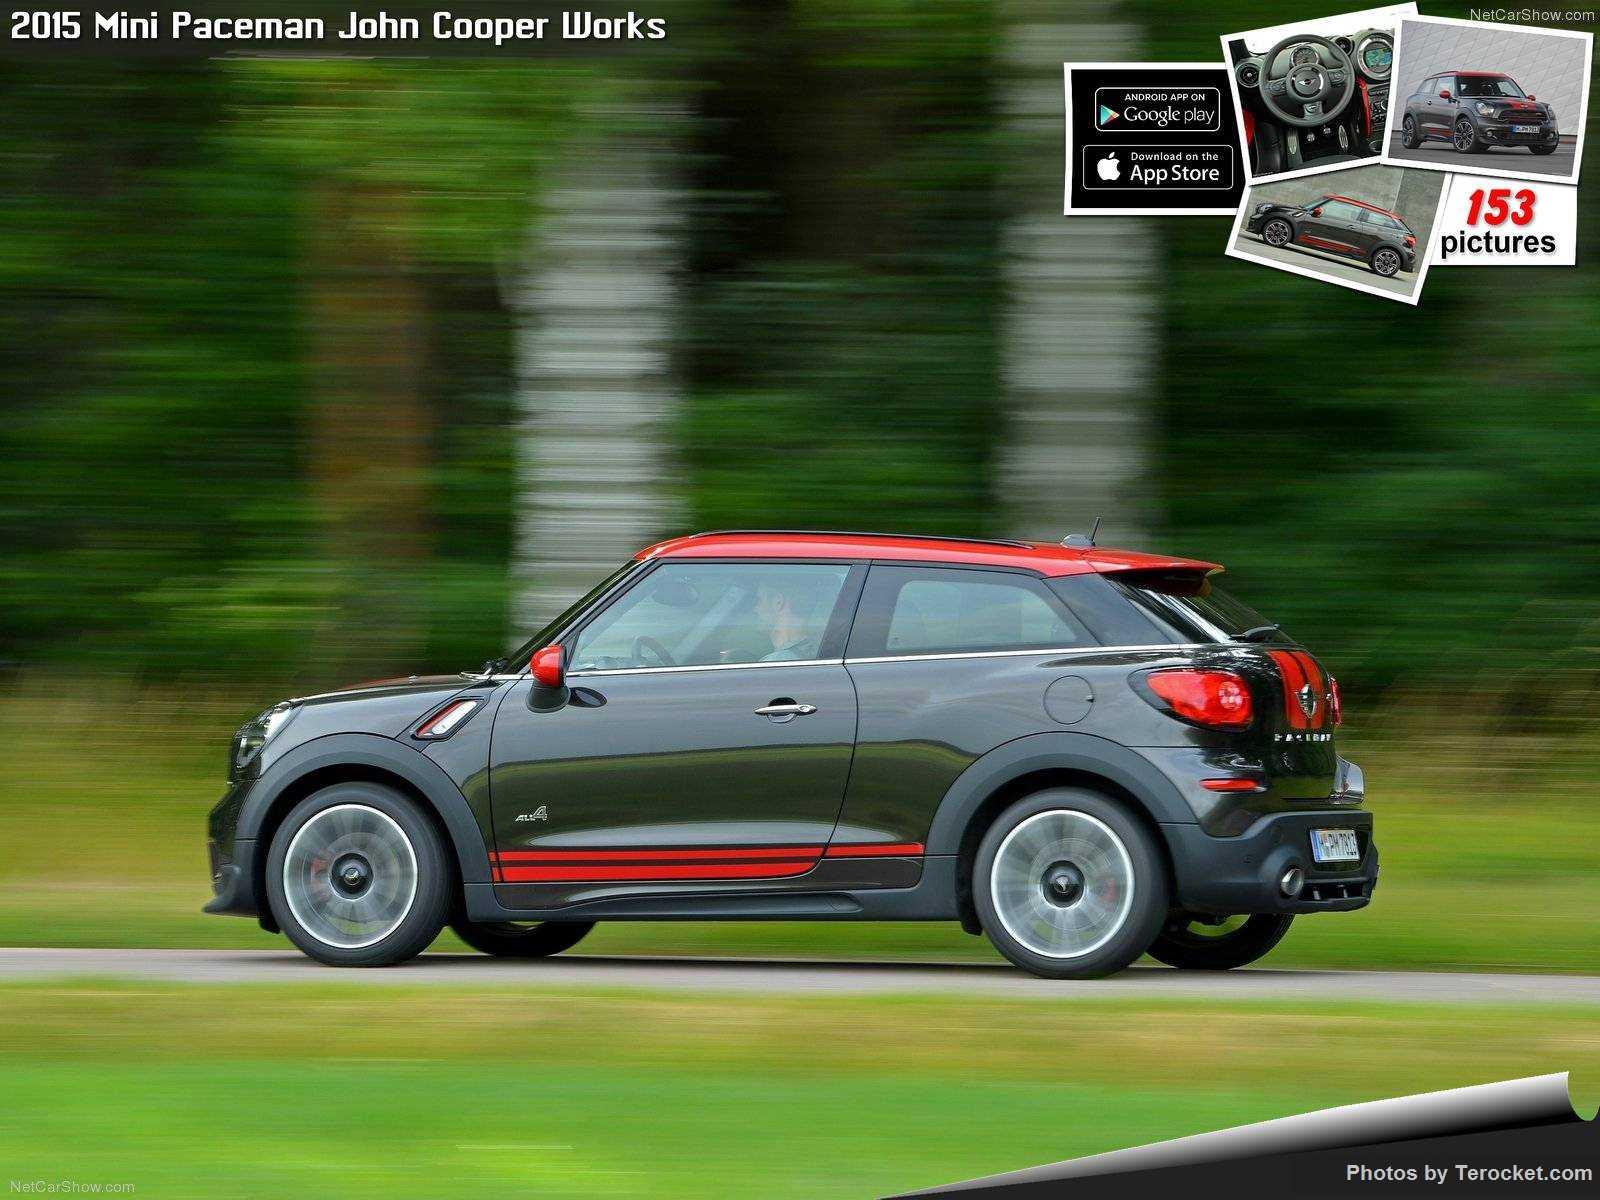 Hình ảnh xe ô tô Mini Paceman John Cooper Works 2015 & nội ngoại thất